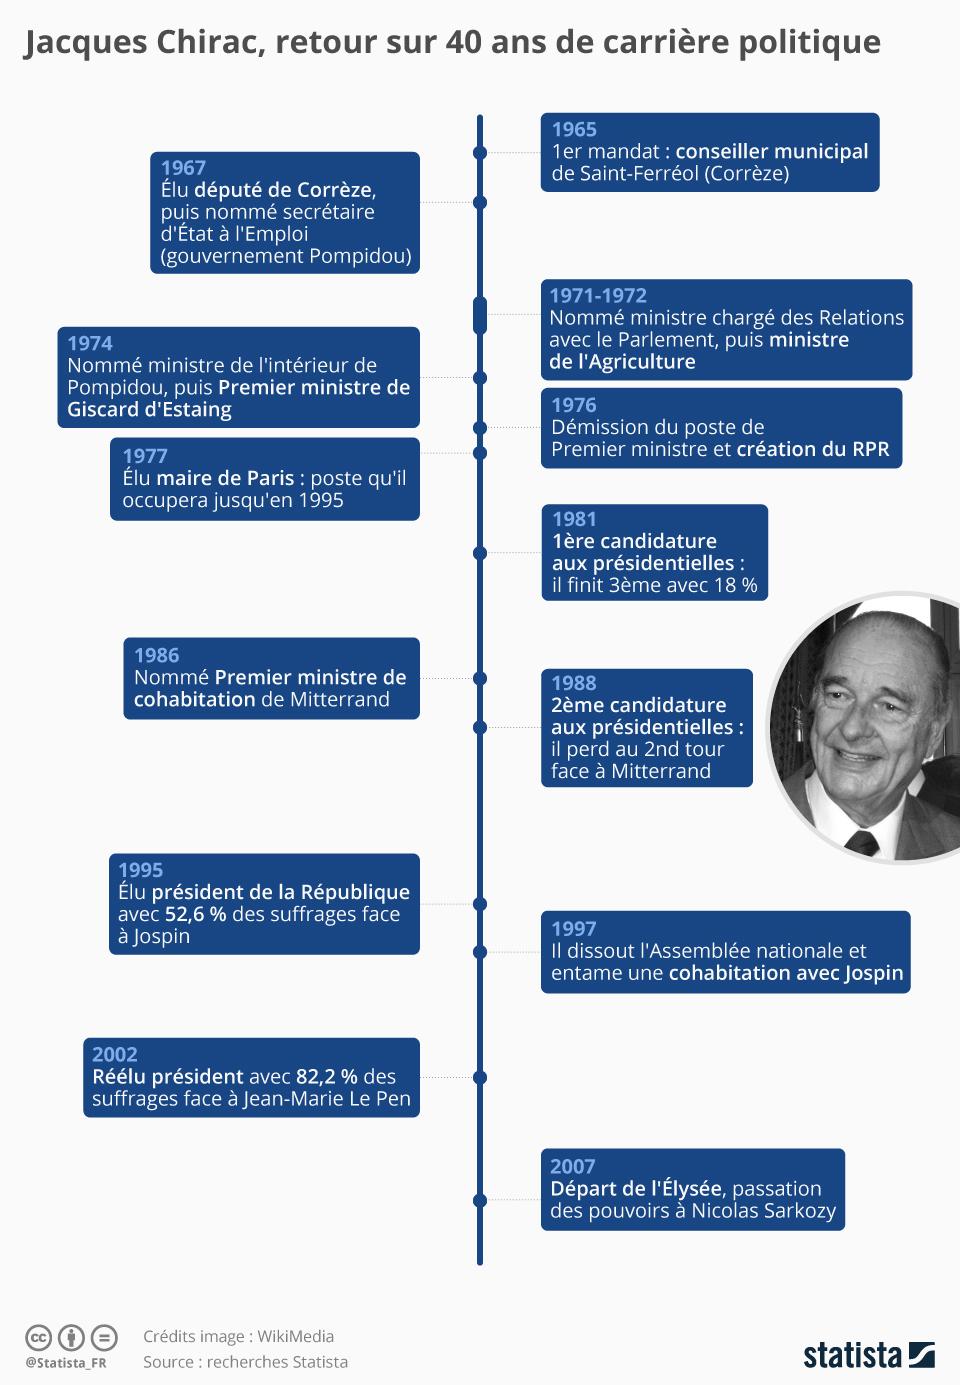 Infographie: Jacques Chirac, retour sur 40 ans de vie politique | Statista